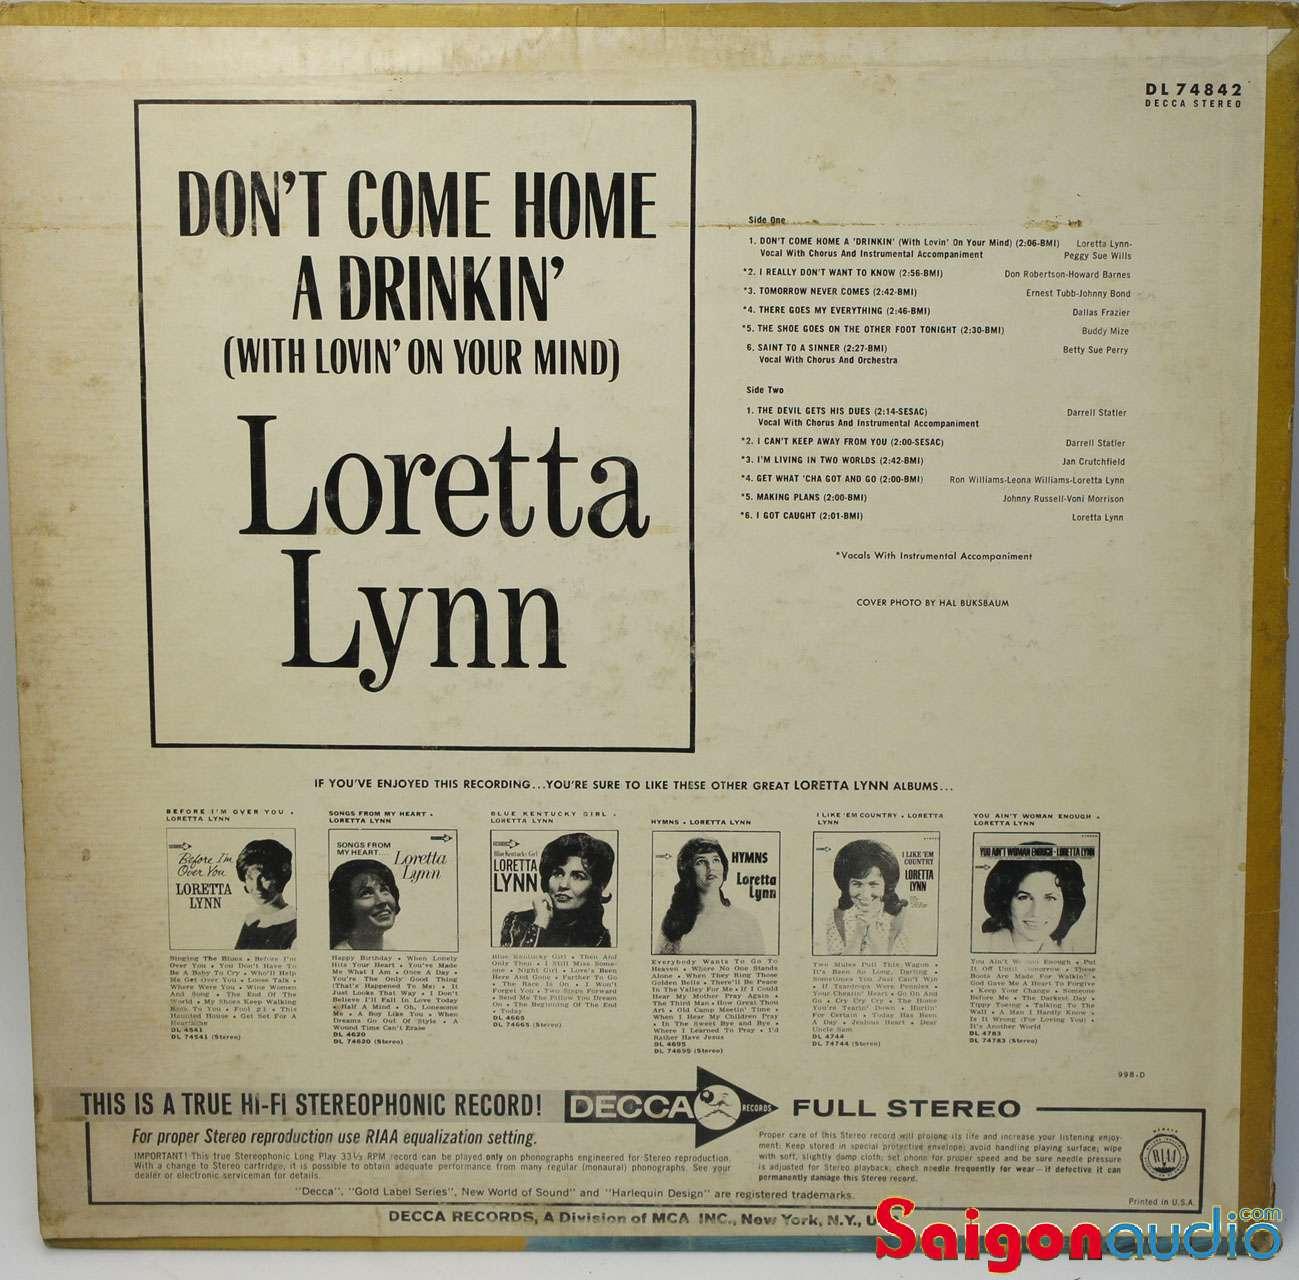 Đĩa than LP Loretta Lynn - Dont Come Home A Drinking